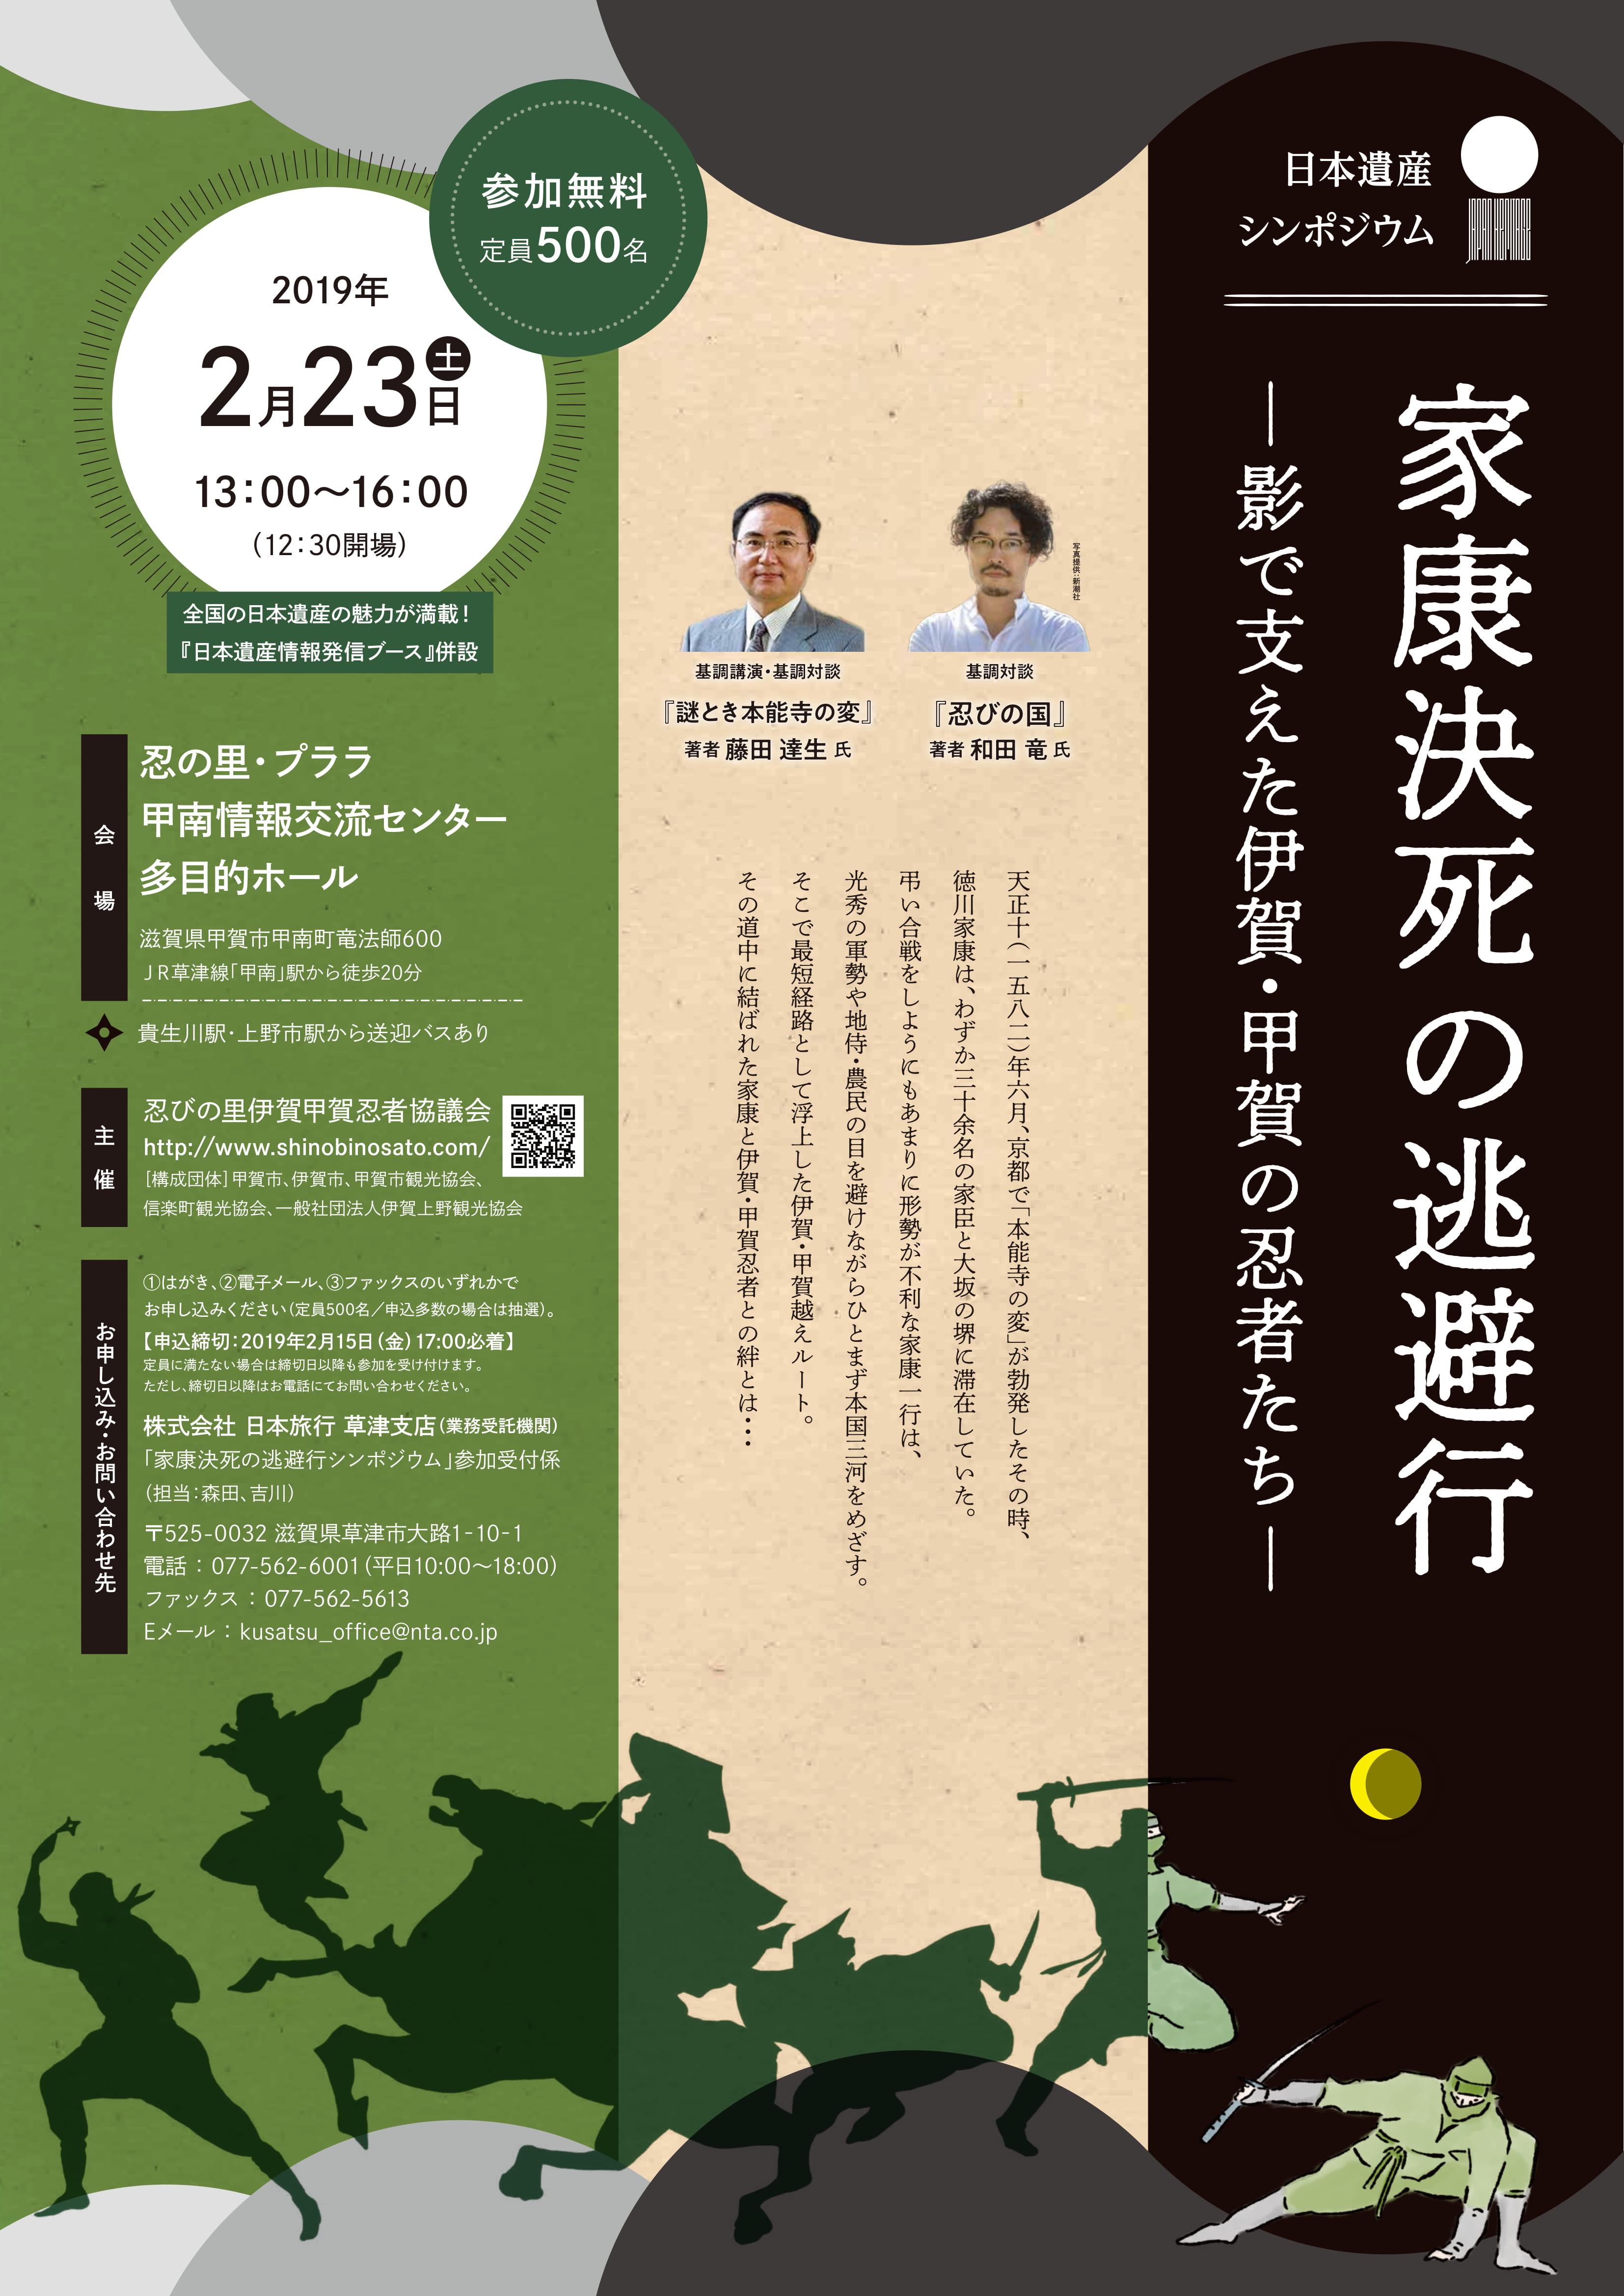 日本遺産シンポジウム≪家康決死の逃避行≫開催のお知らせ